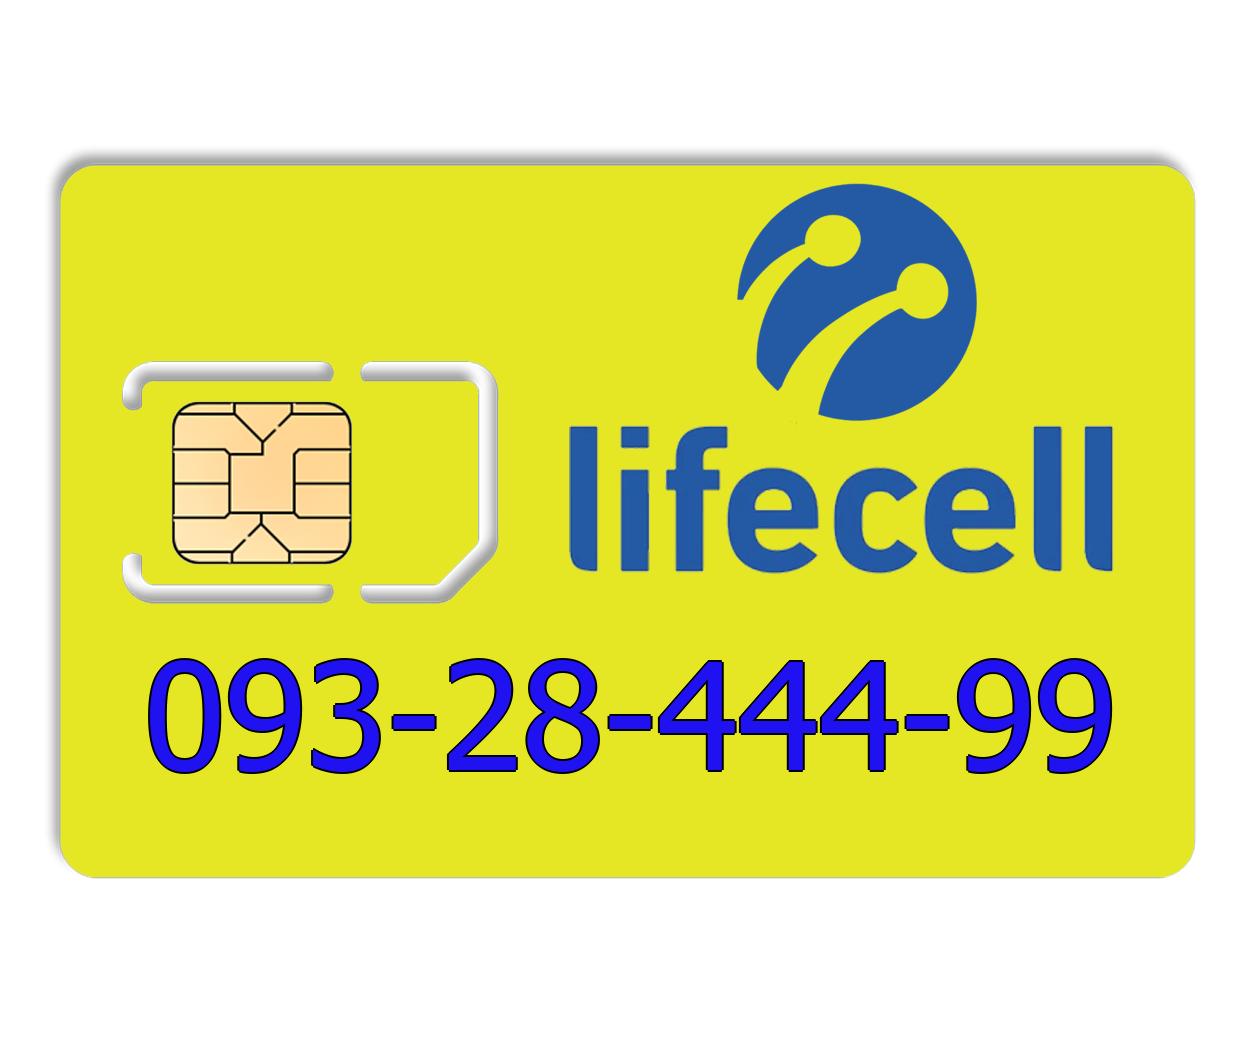 Красивый номер lifecell 093-28-444-99